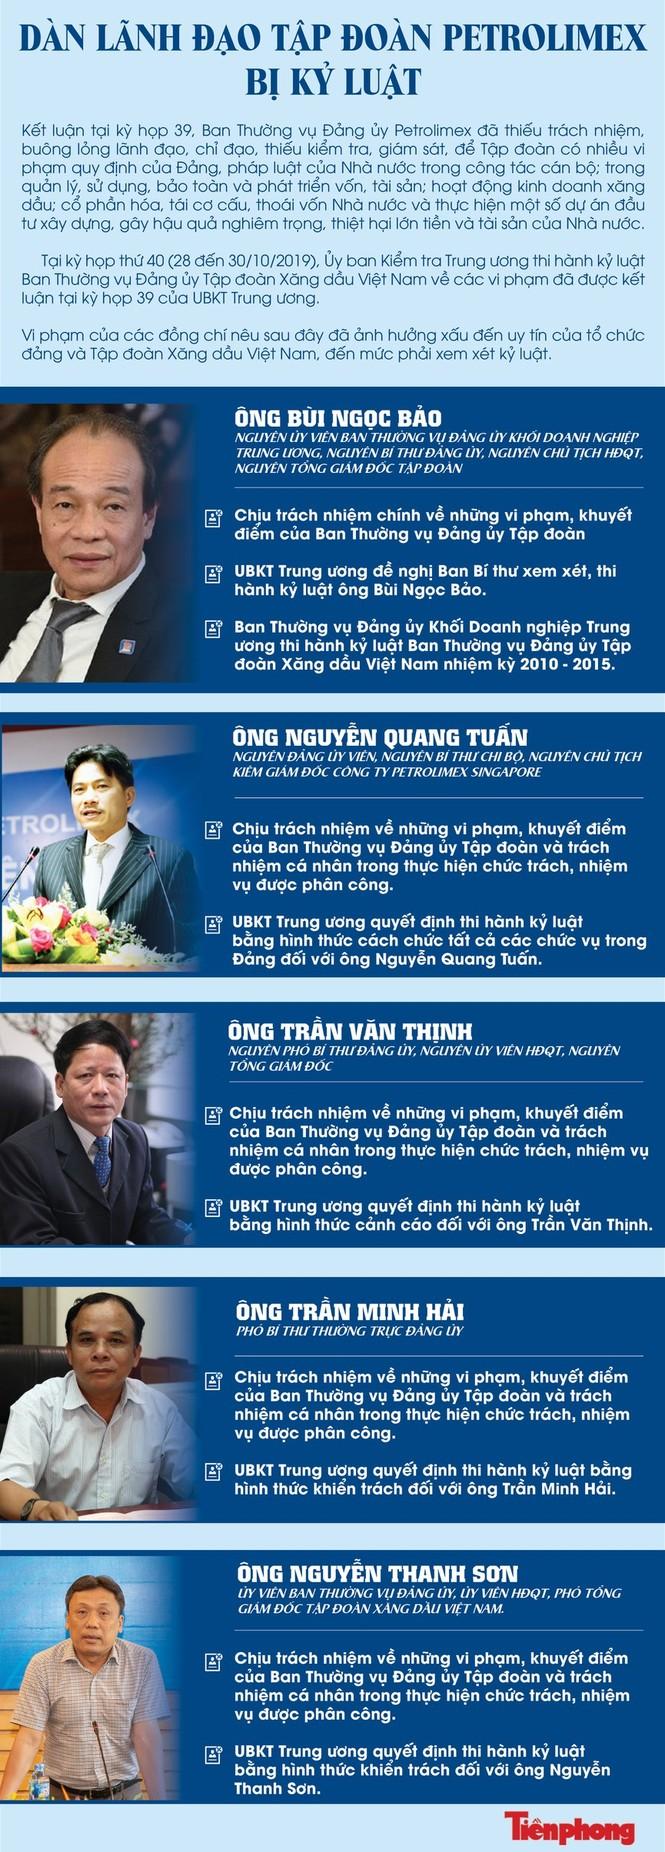 Cựu Chủ tịch Tập đoàn Xăng dầu bị cách hết các chức vụ trong Đảng - ảnh 1